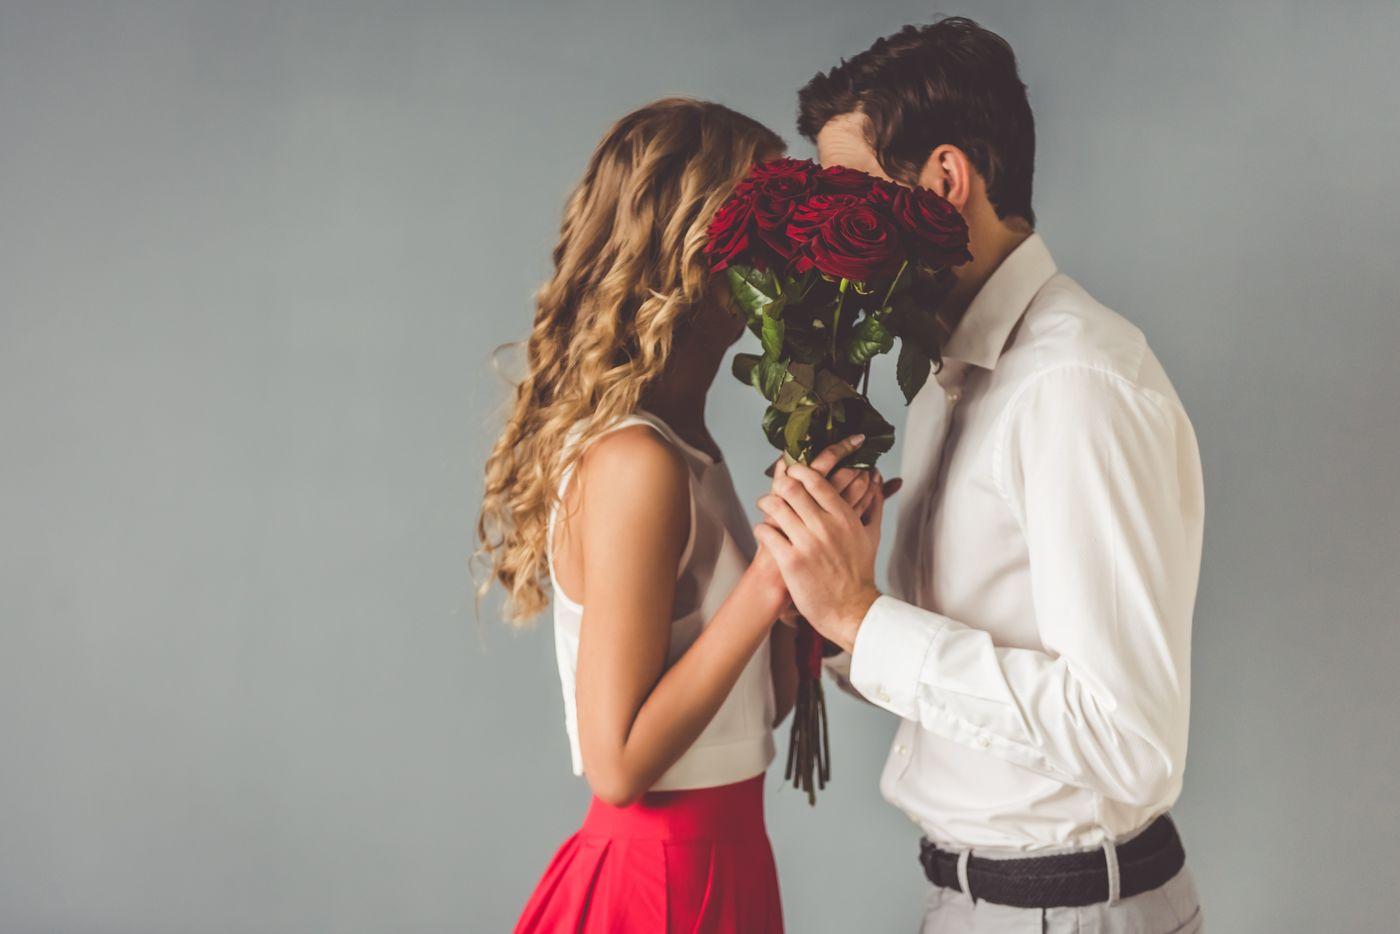 外国人カップルに学ぶ!ずっとラブラブなカップルになるためには?の7枚目の画像